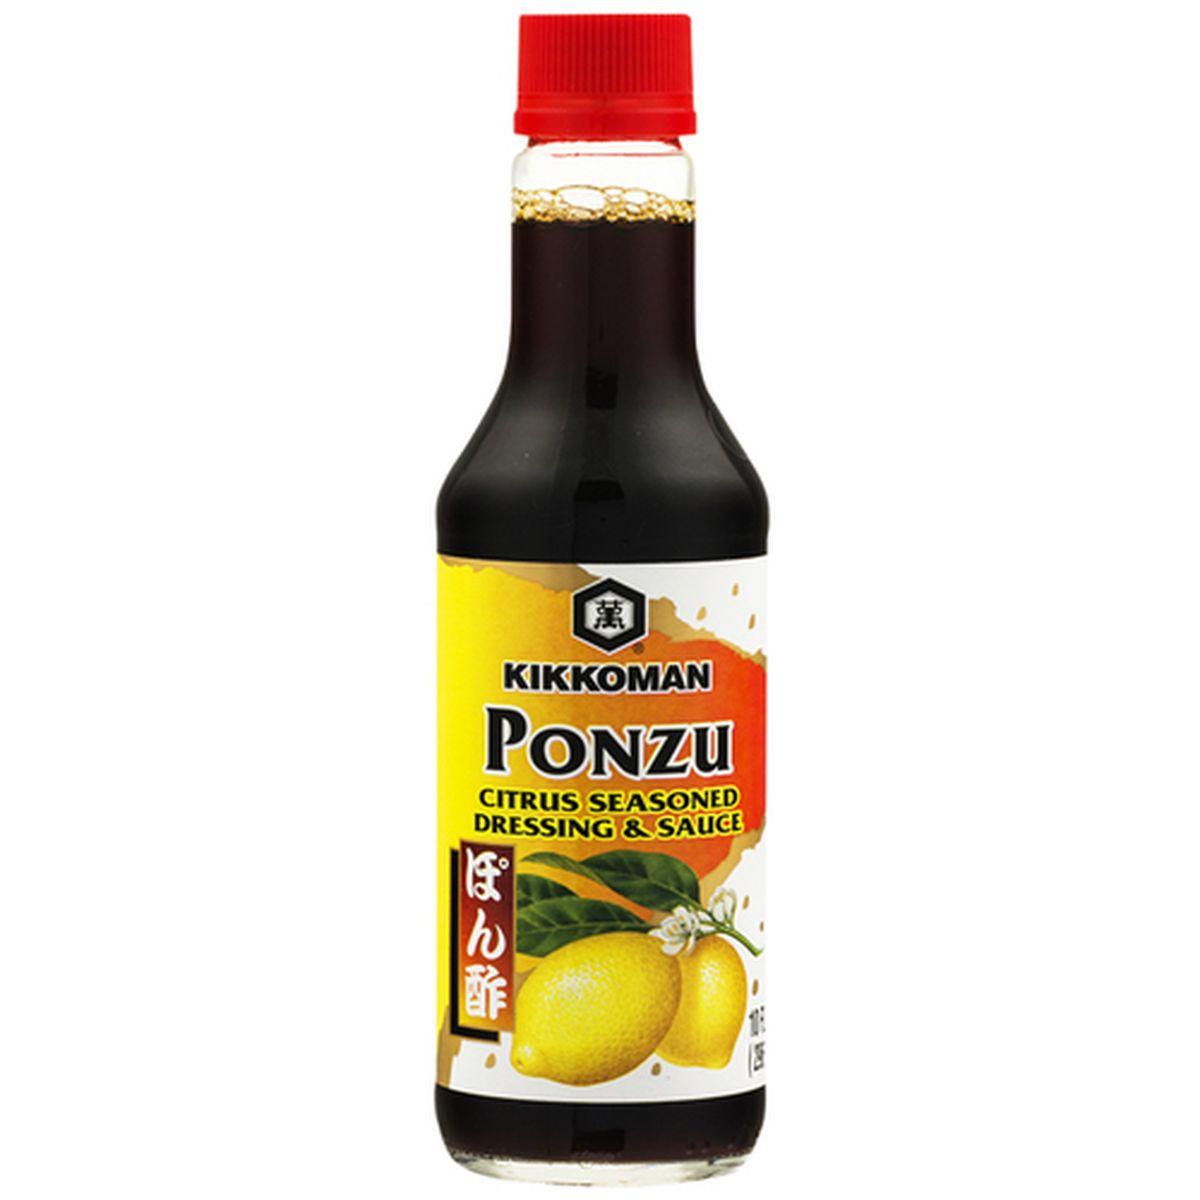 La sauce Ponzu fait partie des sauces asiatiques pour améliorer n'importe quel plat.